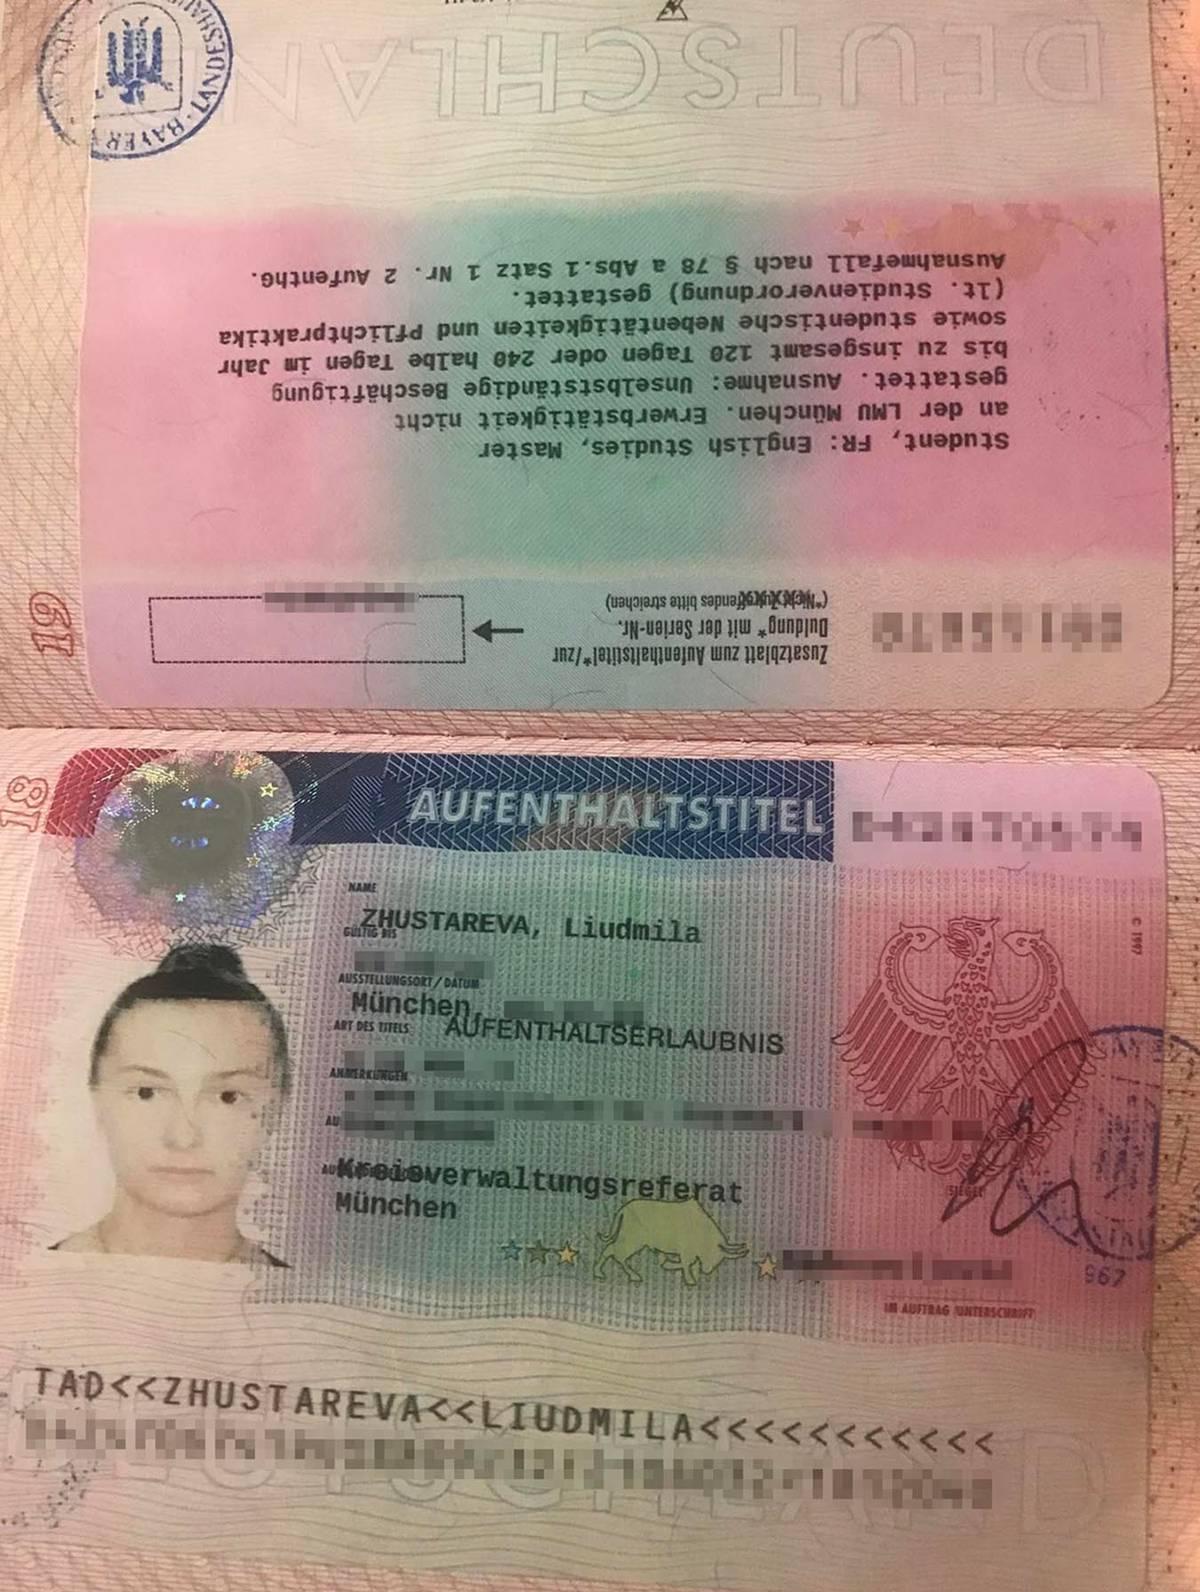 ВНЖ с целью учебы вклеивается в паспорт, а не выдается отдельной картой. Он оформляется на срок до двух с половиной лет и дает право официально работать в Германии на полставки